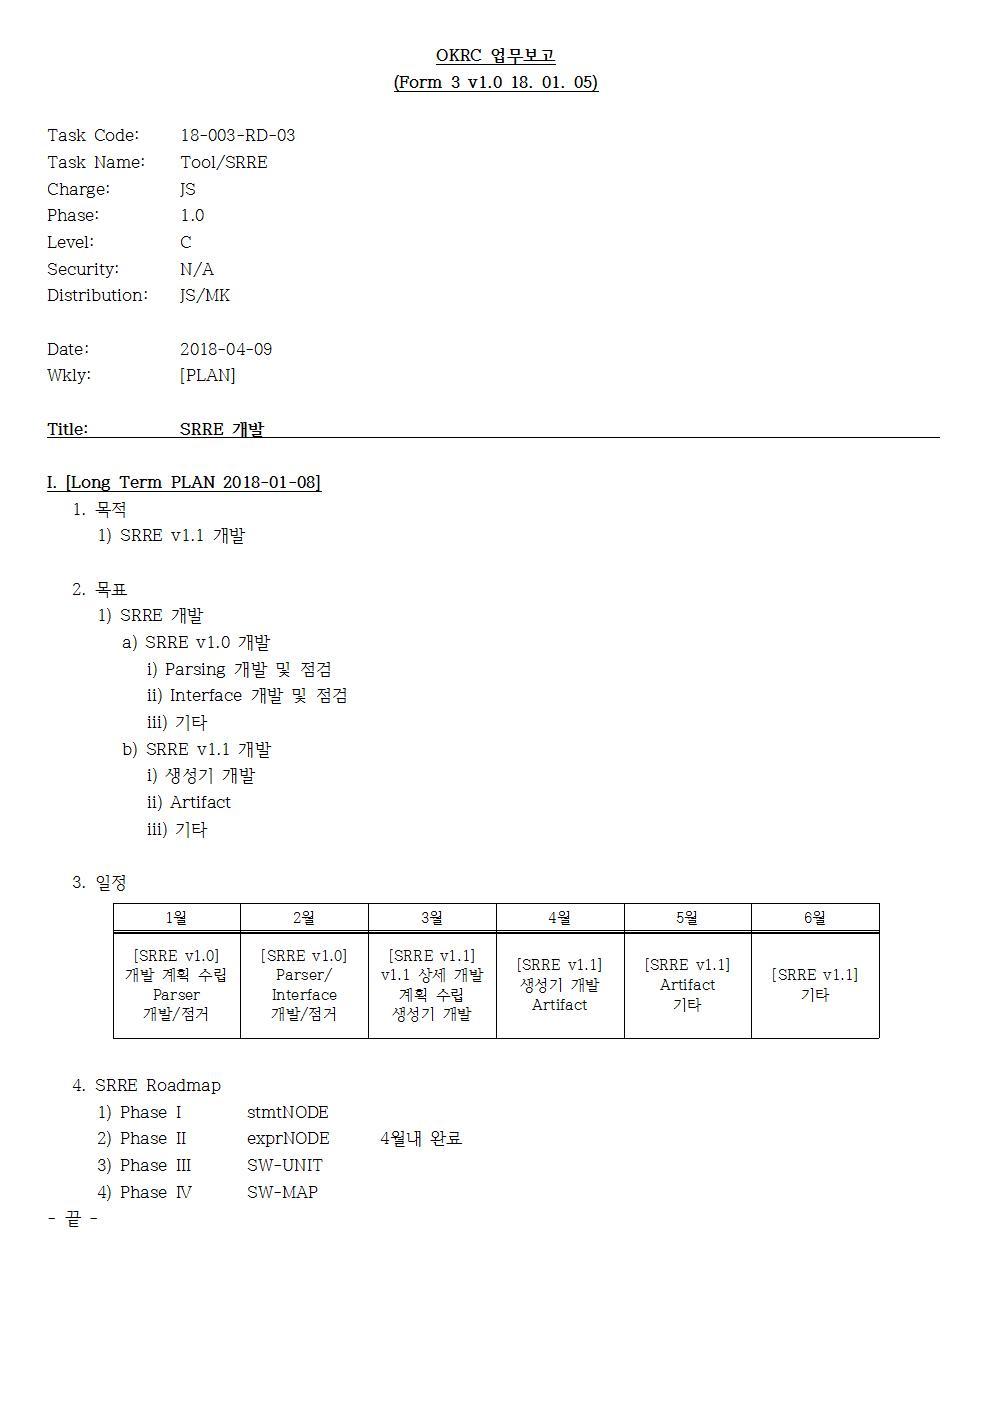 D-[18-003-RD-03]-[SRRE]-[2018-04-09][JS]001.jpg